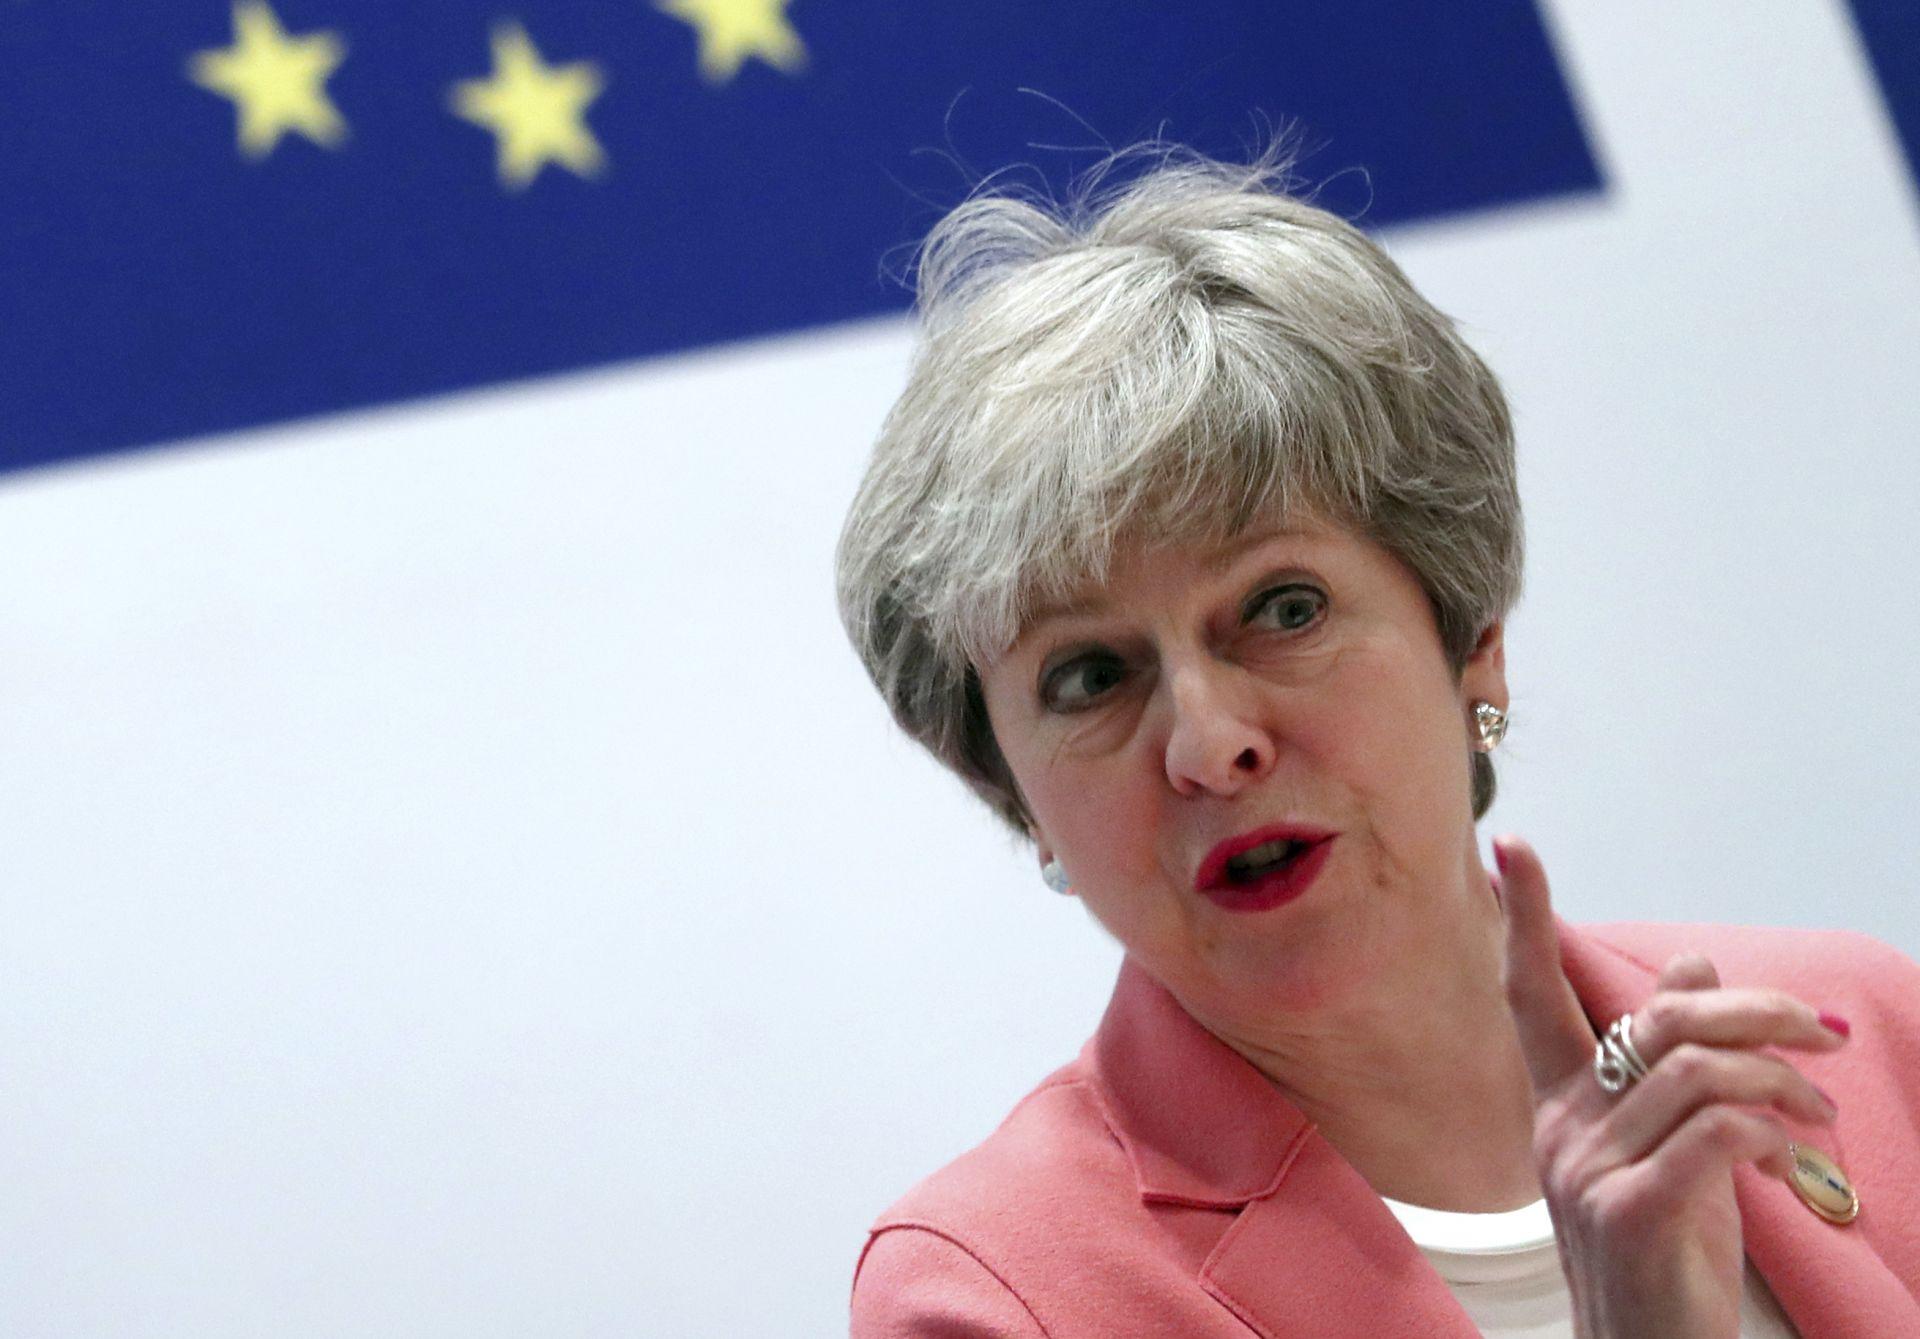 Постижимо е да напуснем със споразумение на 29 март и тъкмо натам смятам да насоча цялата си енергия, каза британският премиер